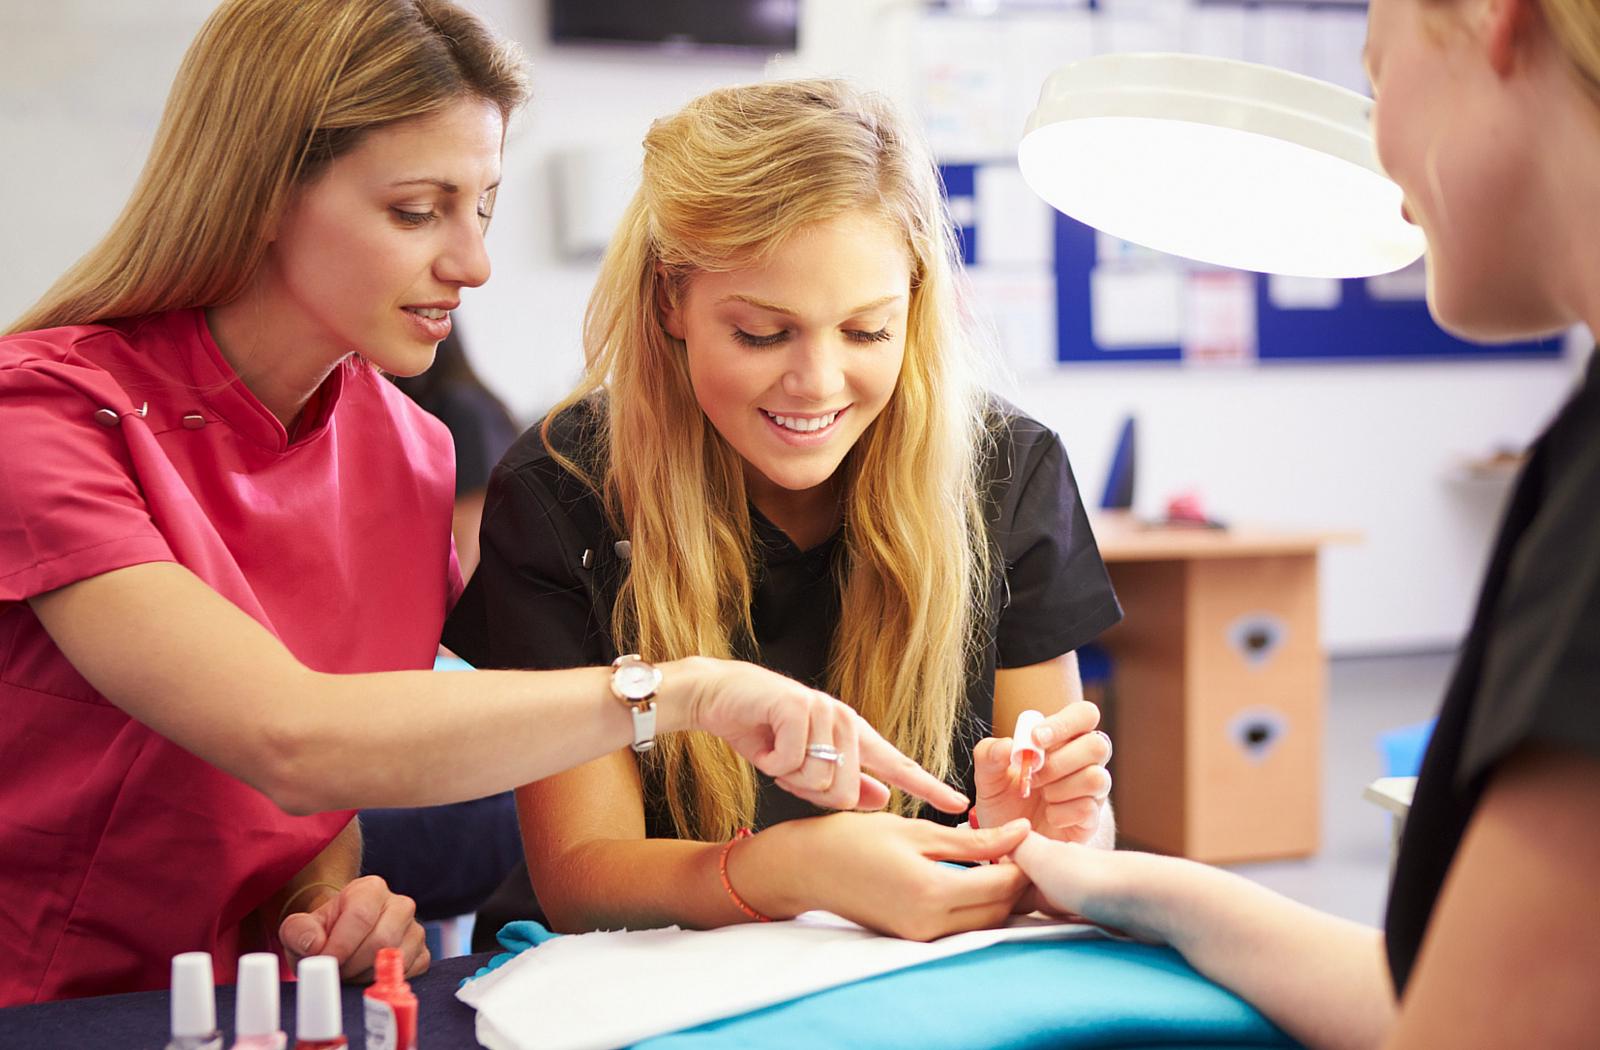 """Расширенный практический комплексный курс маникюра, педикюра и наращивания ногтей """"Профи Мастер"""""""